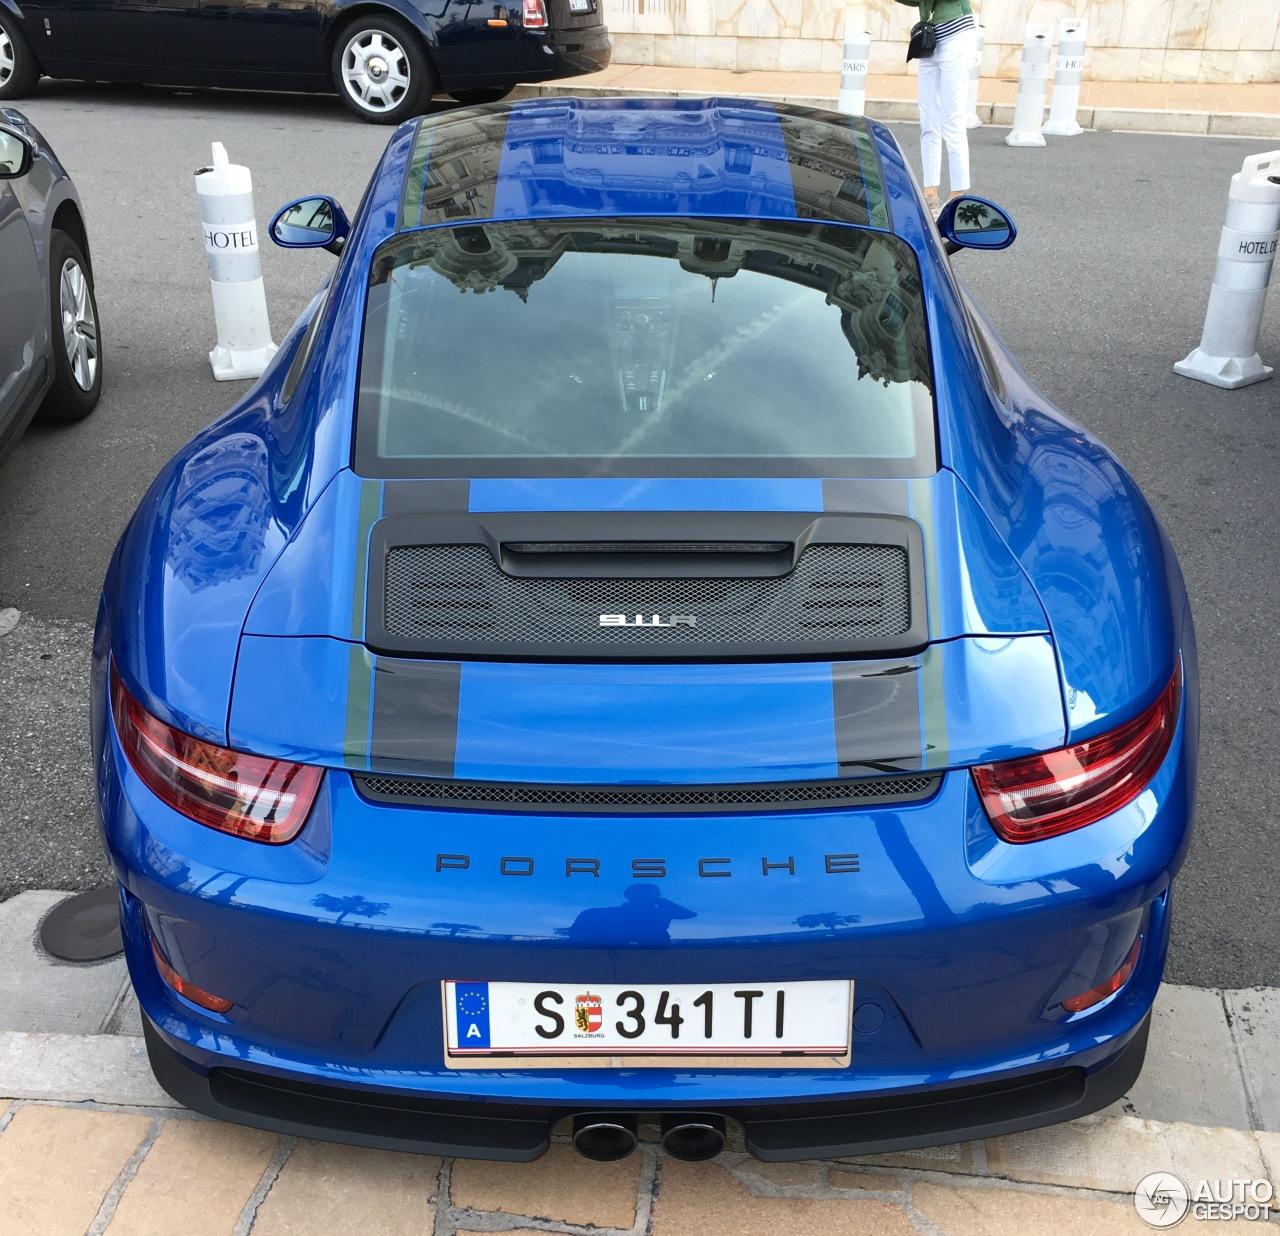 Porsche 911 2 7 Engine Weight: Porsche 911 R